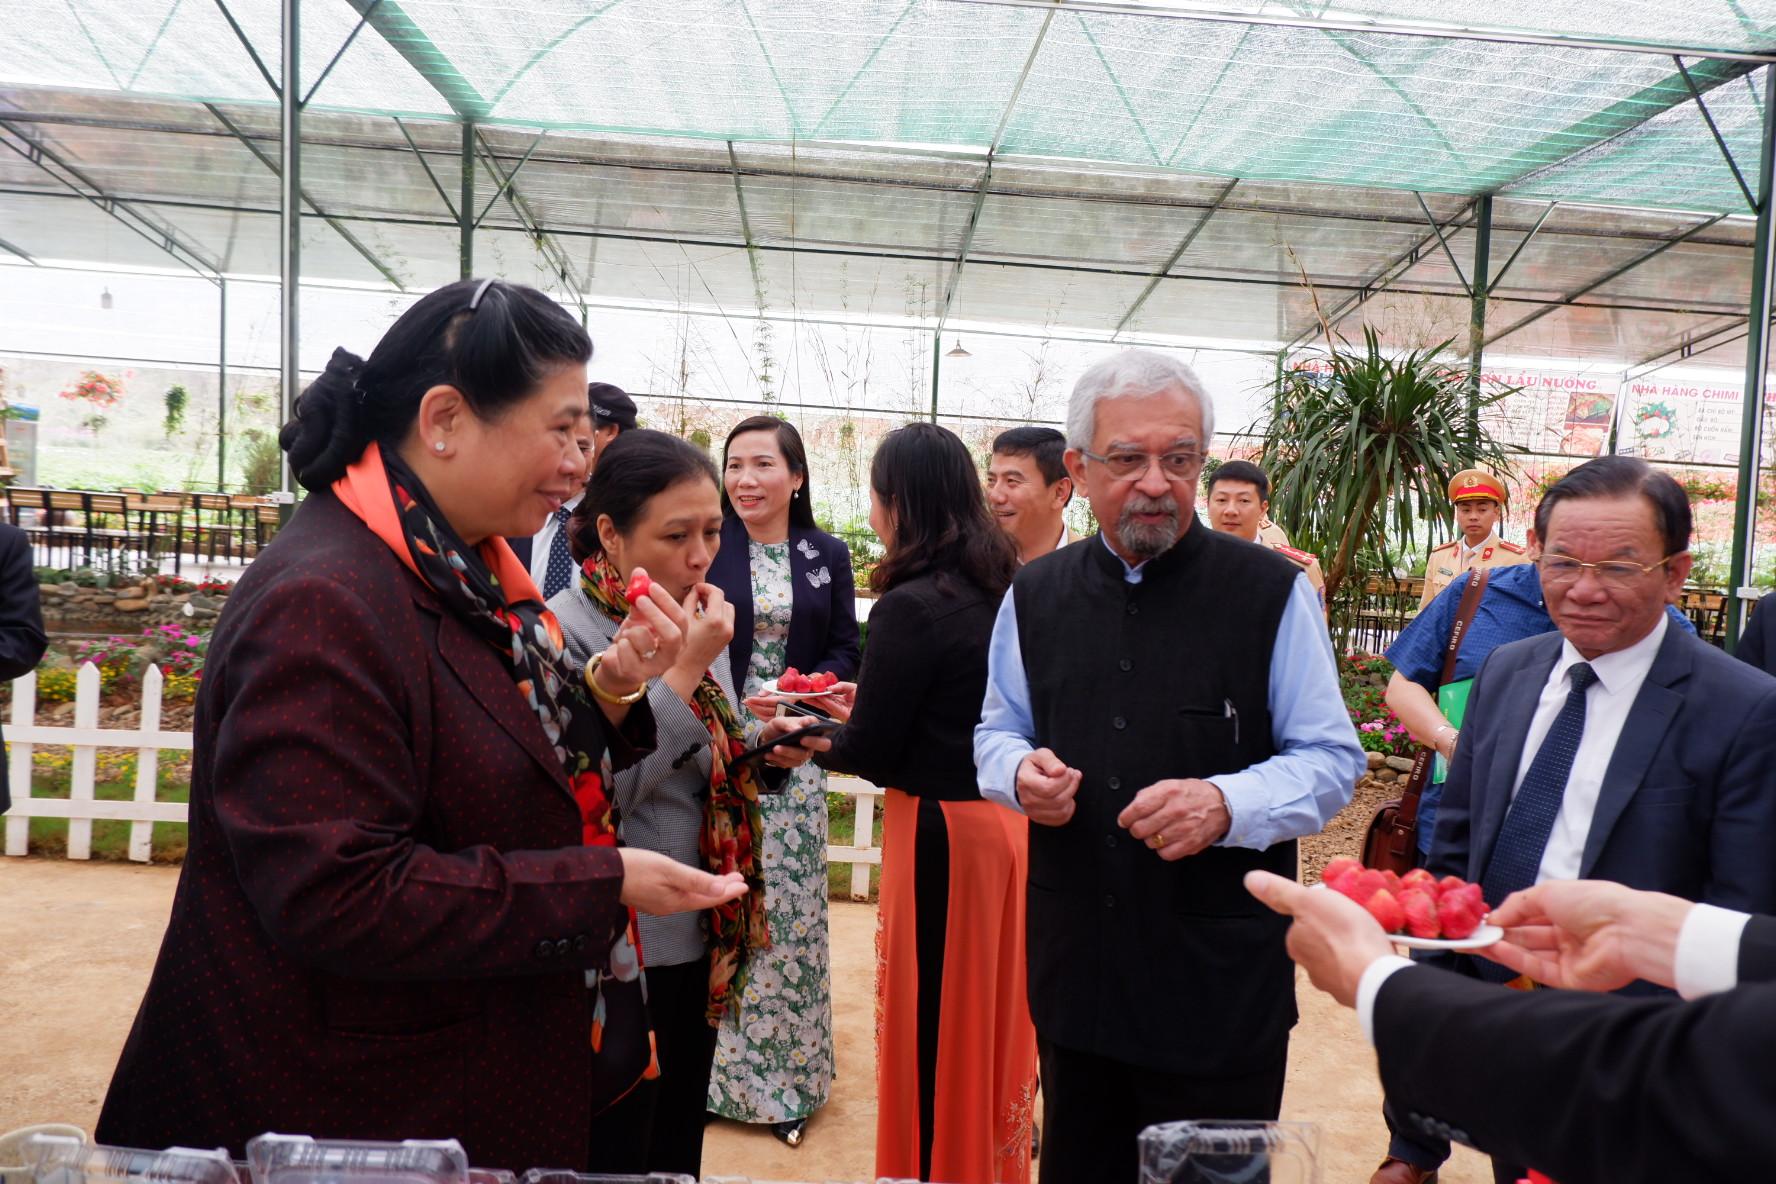 Các vị khách mời được thưởng thức dâu tây tươi và những sản phẩm từ dâu tây được chế biến ngay tại trang trại